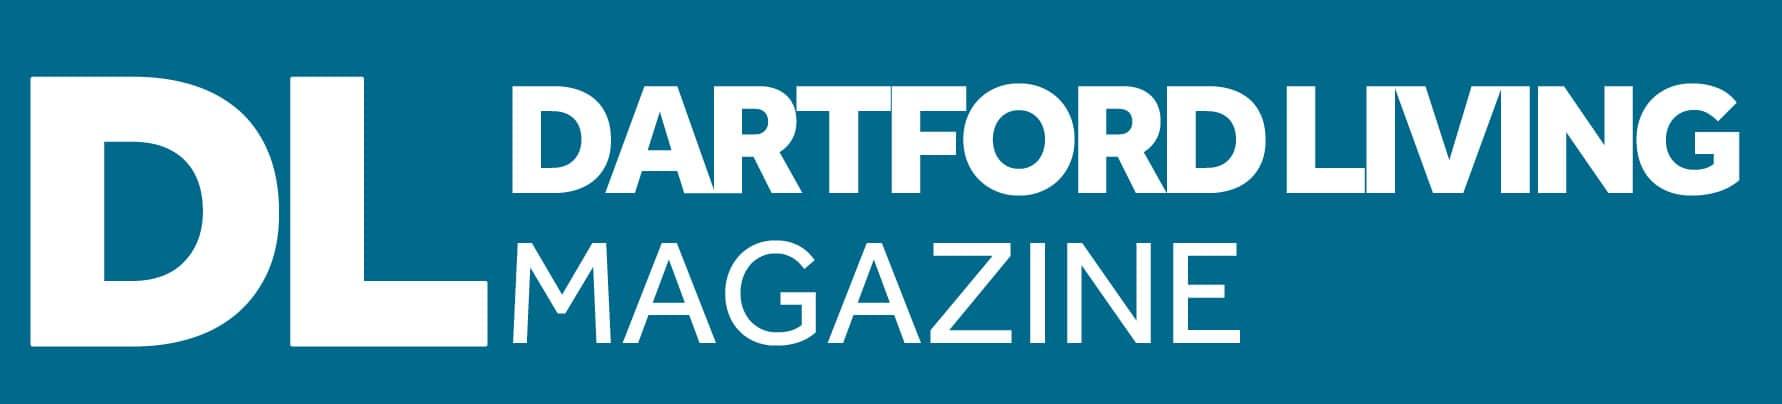 Dartford Living